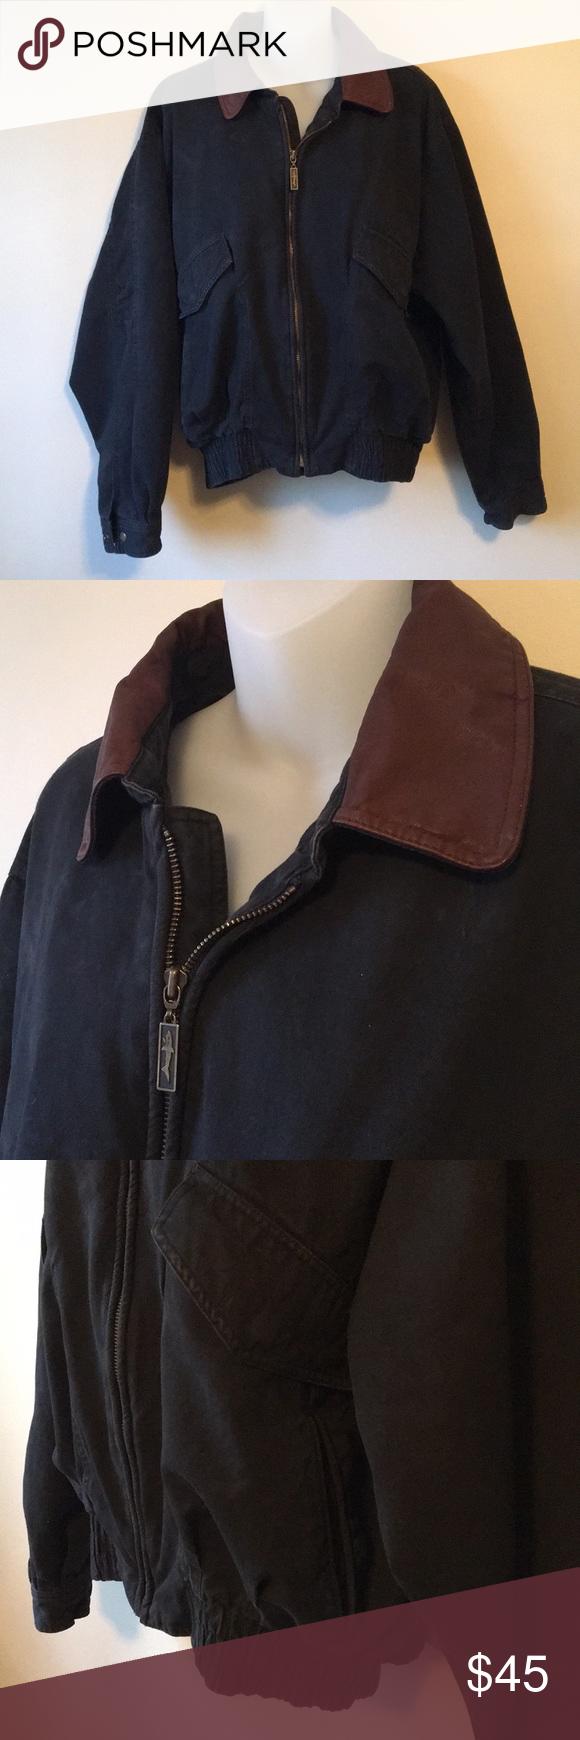 Greg Norman Reebok Jacket Vintage Jacket Reebok Jackets